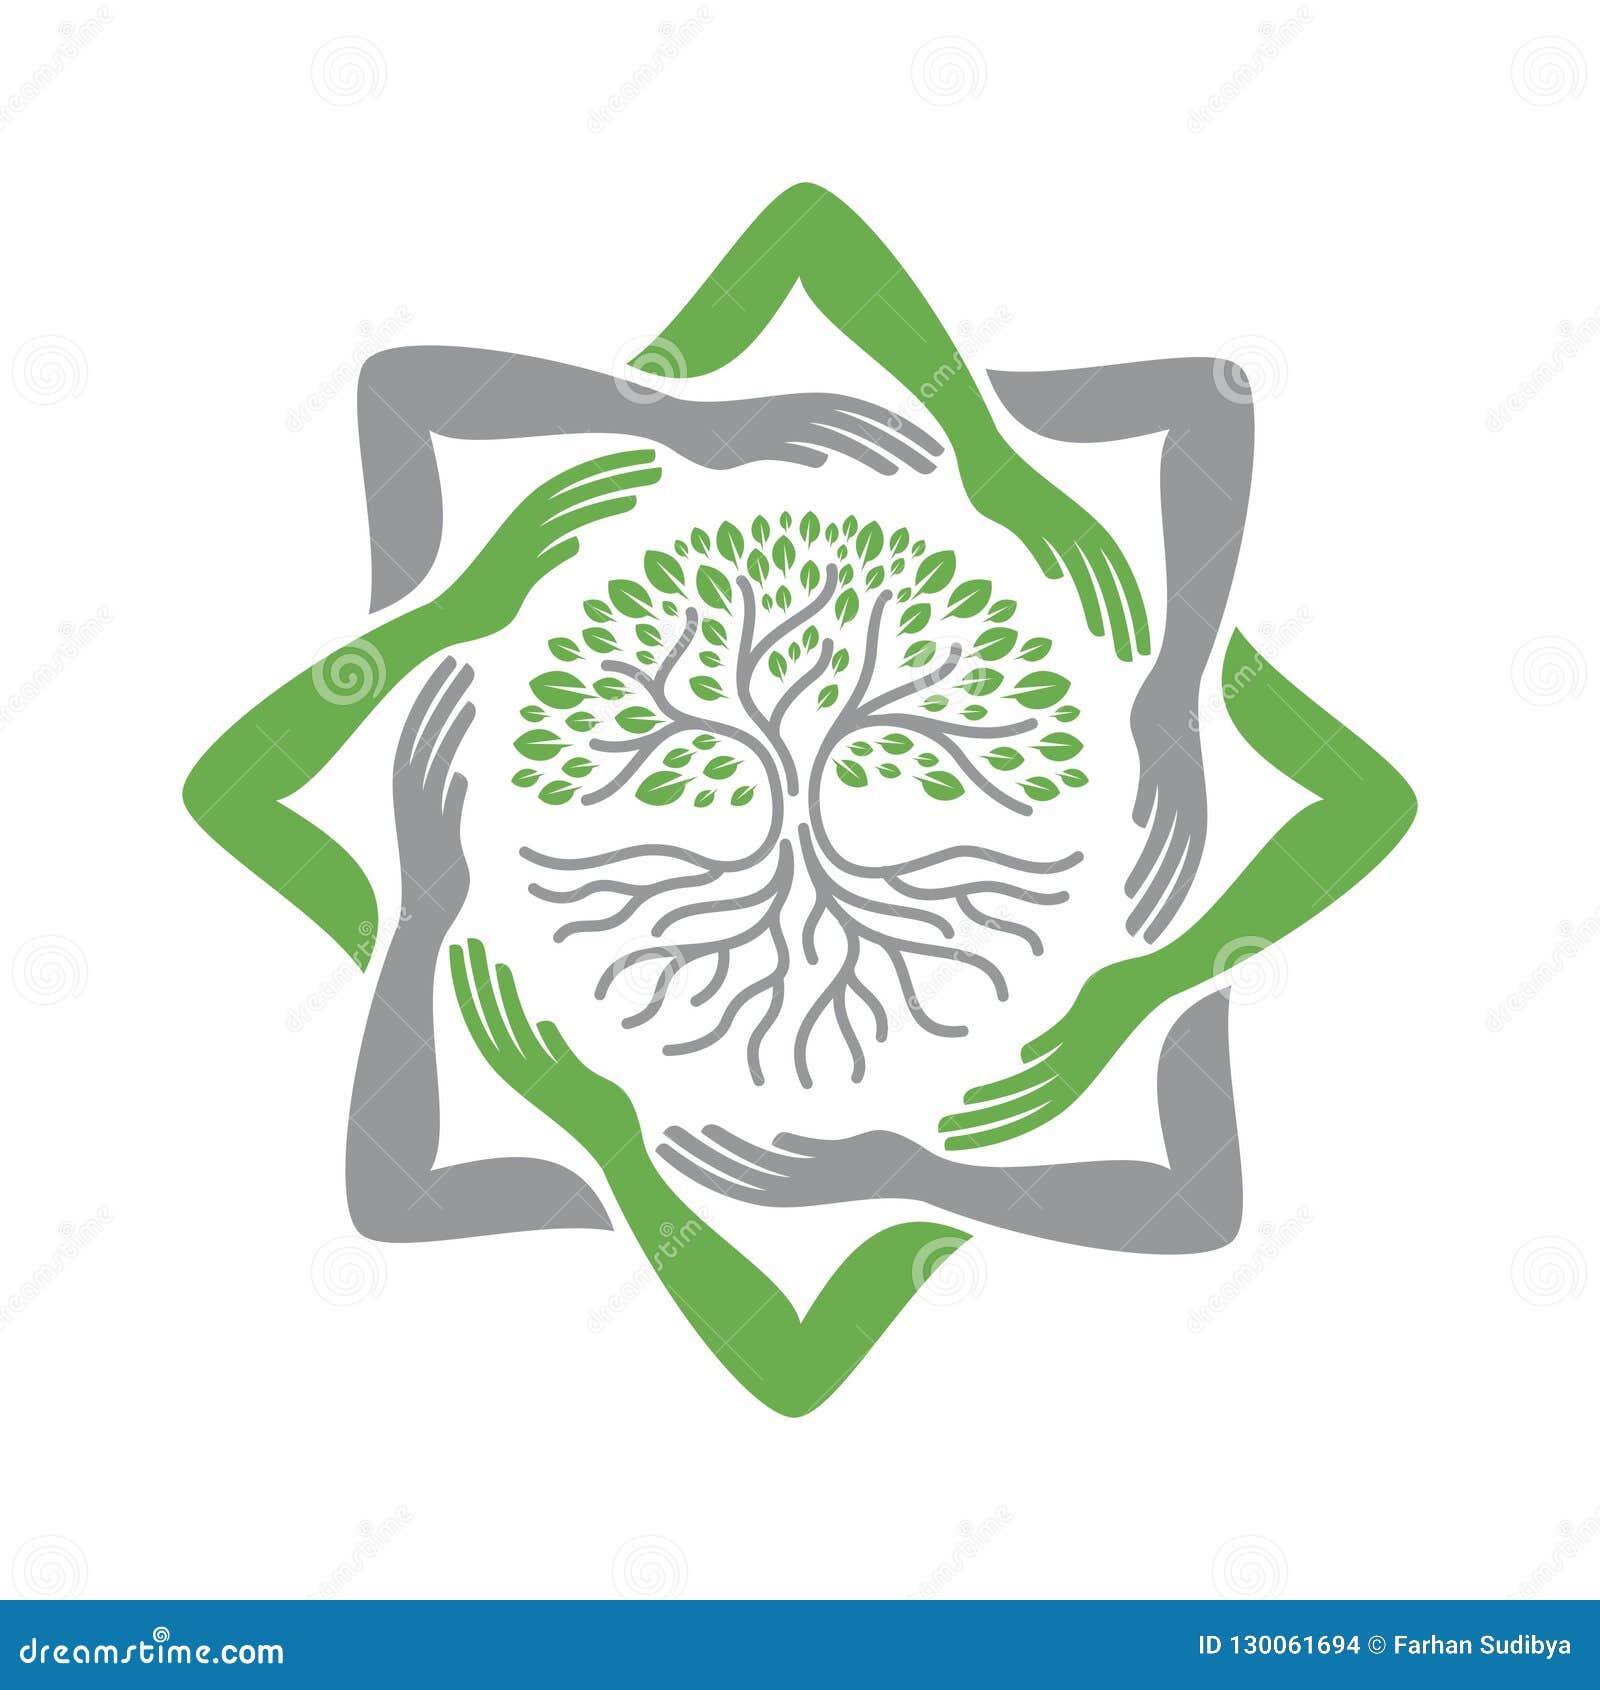 Etykietka oprócz drzewa z ręki ramą tworzy ośmioboczną gwiazdę